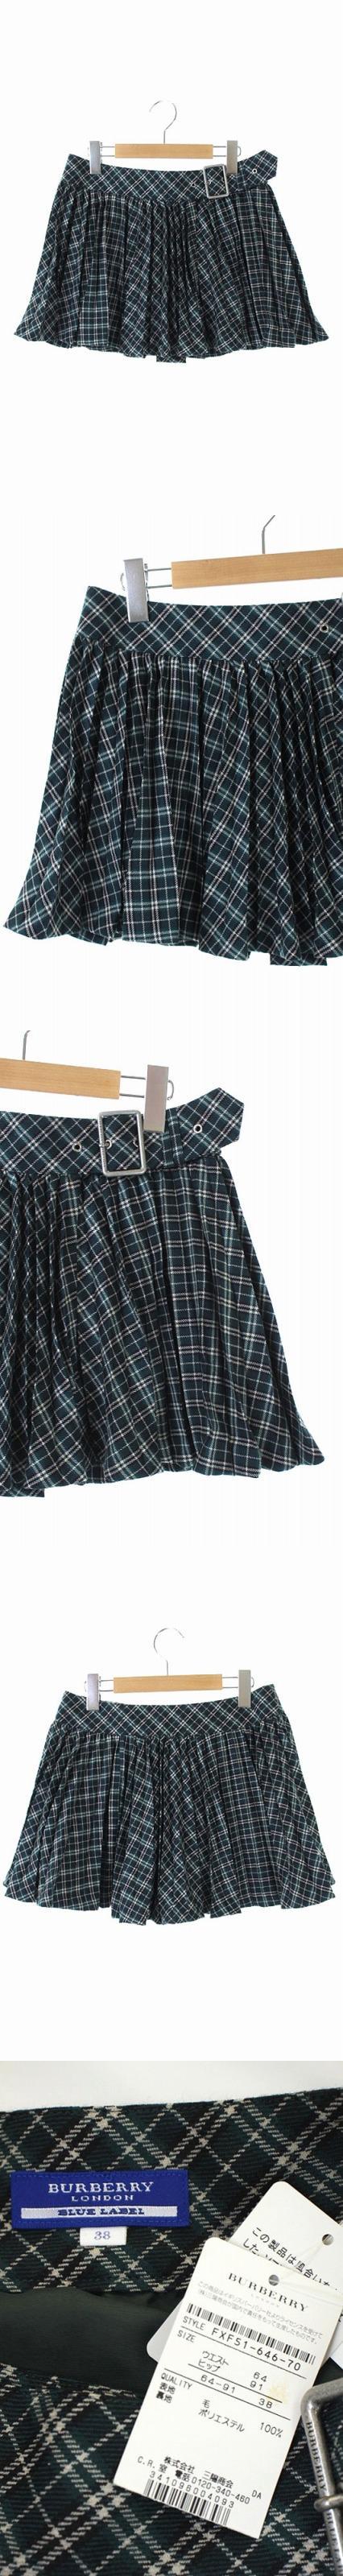 ウールチェック柄プリーツラップスカート ミニ 38 緑 /KN ■OS